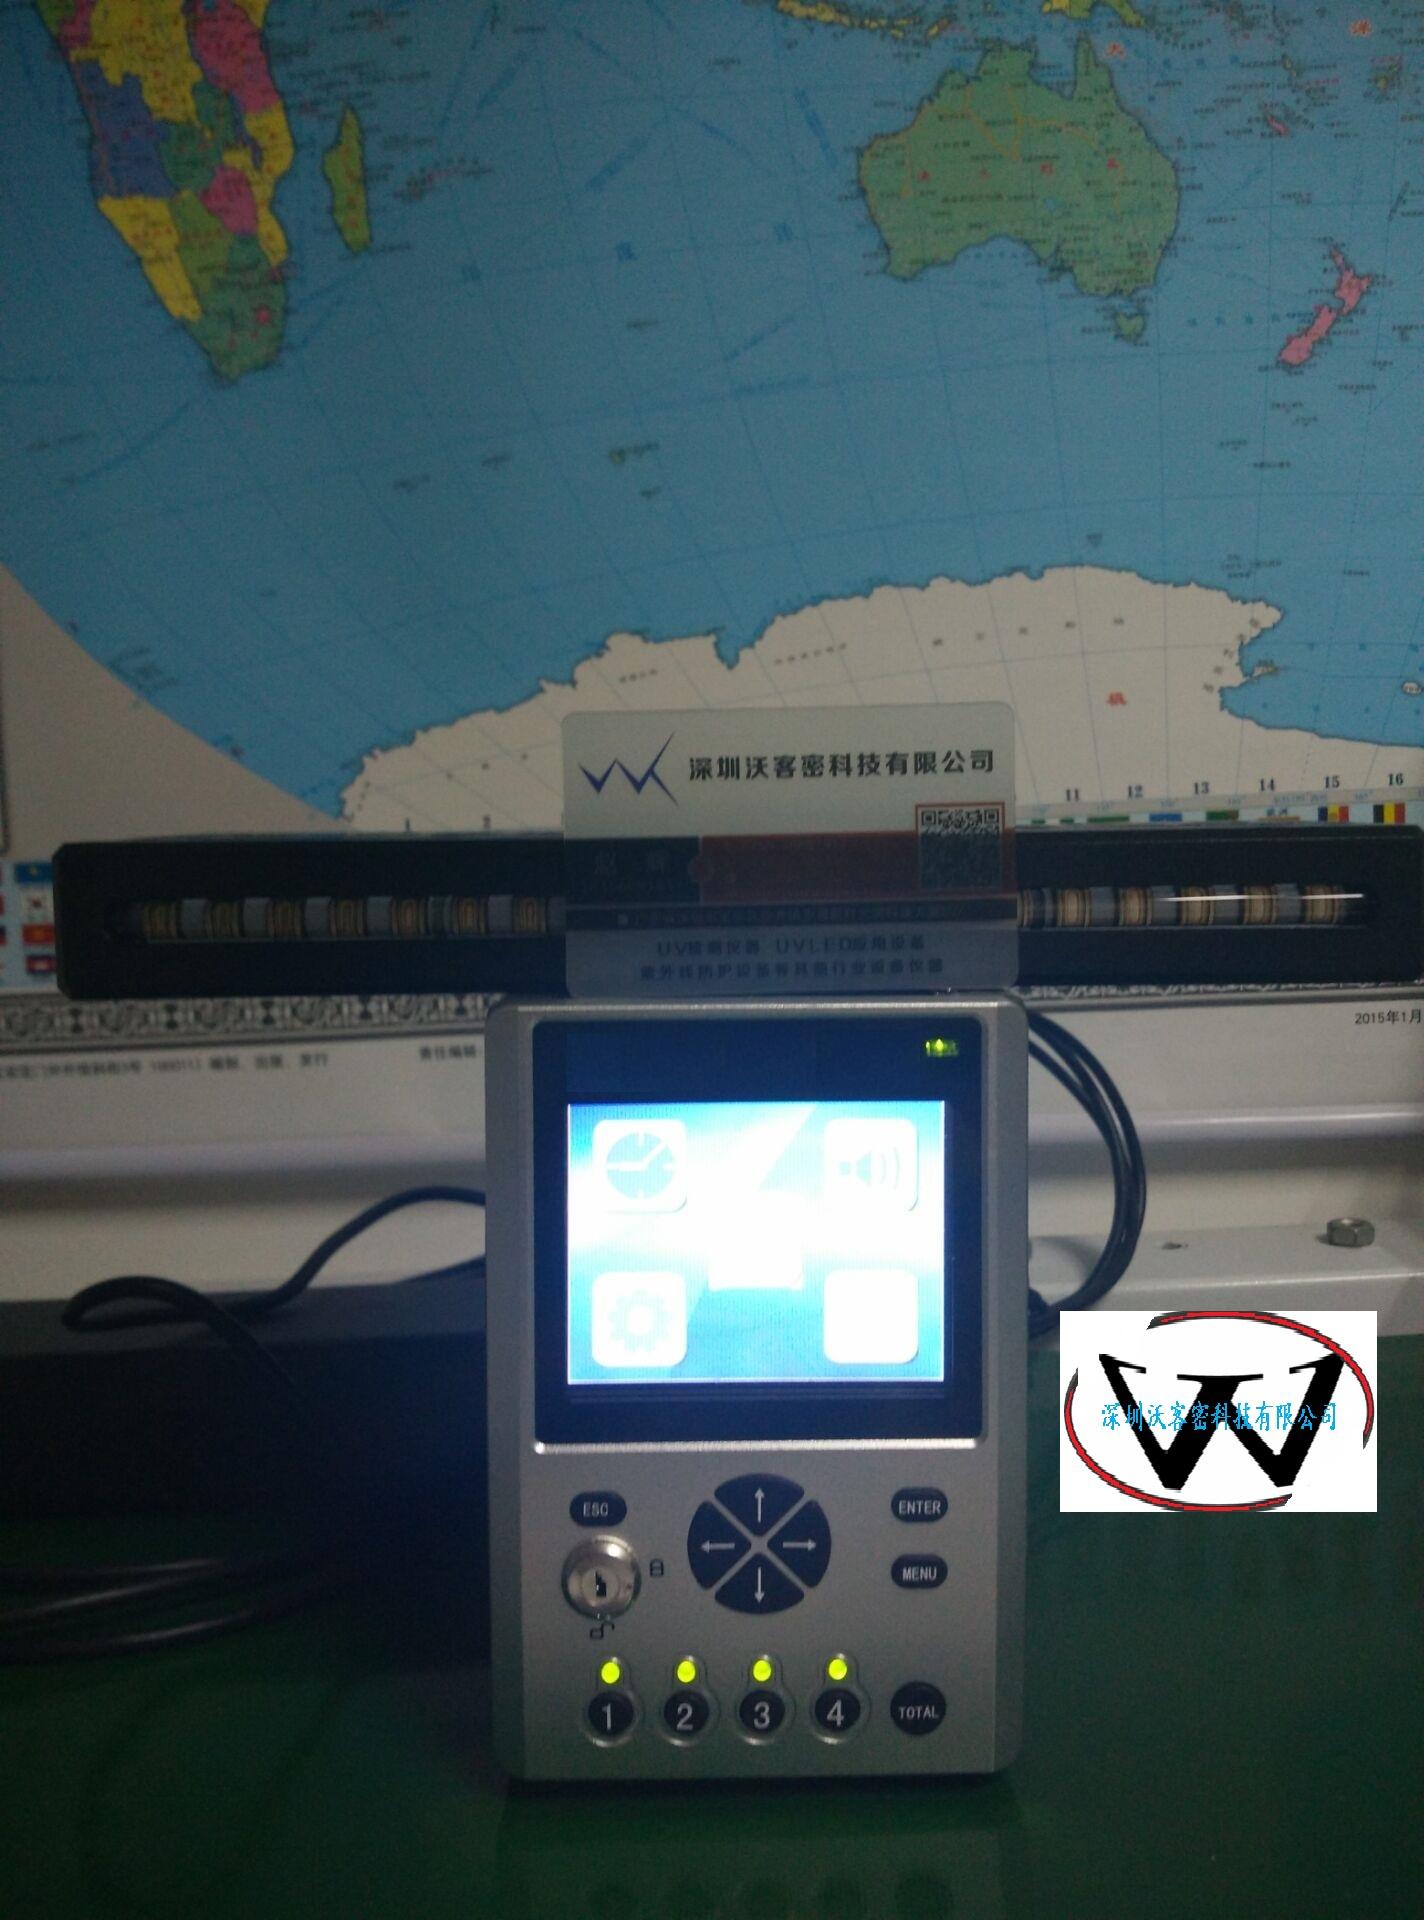 小型手提uv固化机便携式uv光油光固化机紫外线uv胶固化灯手提UV机